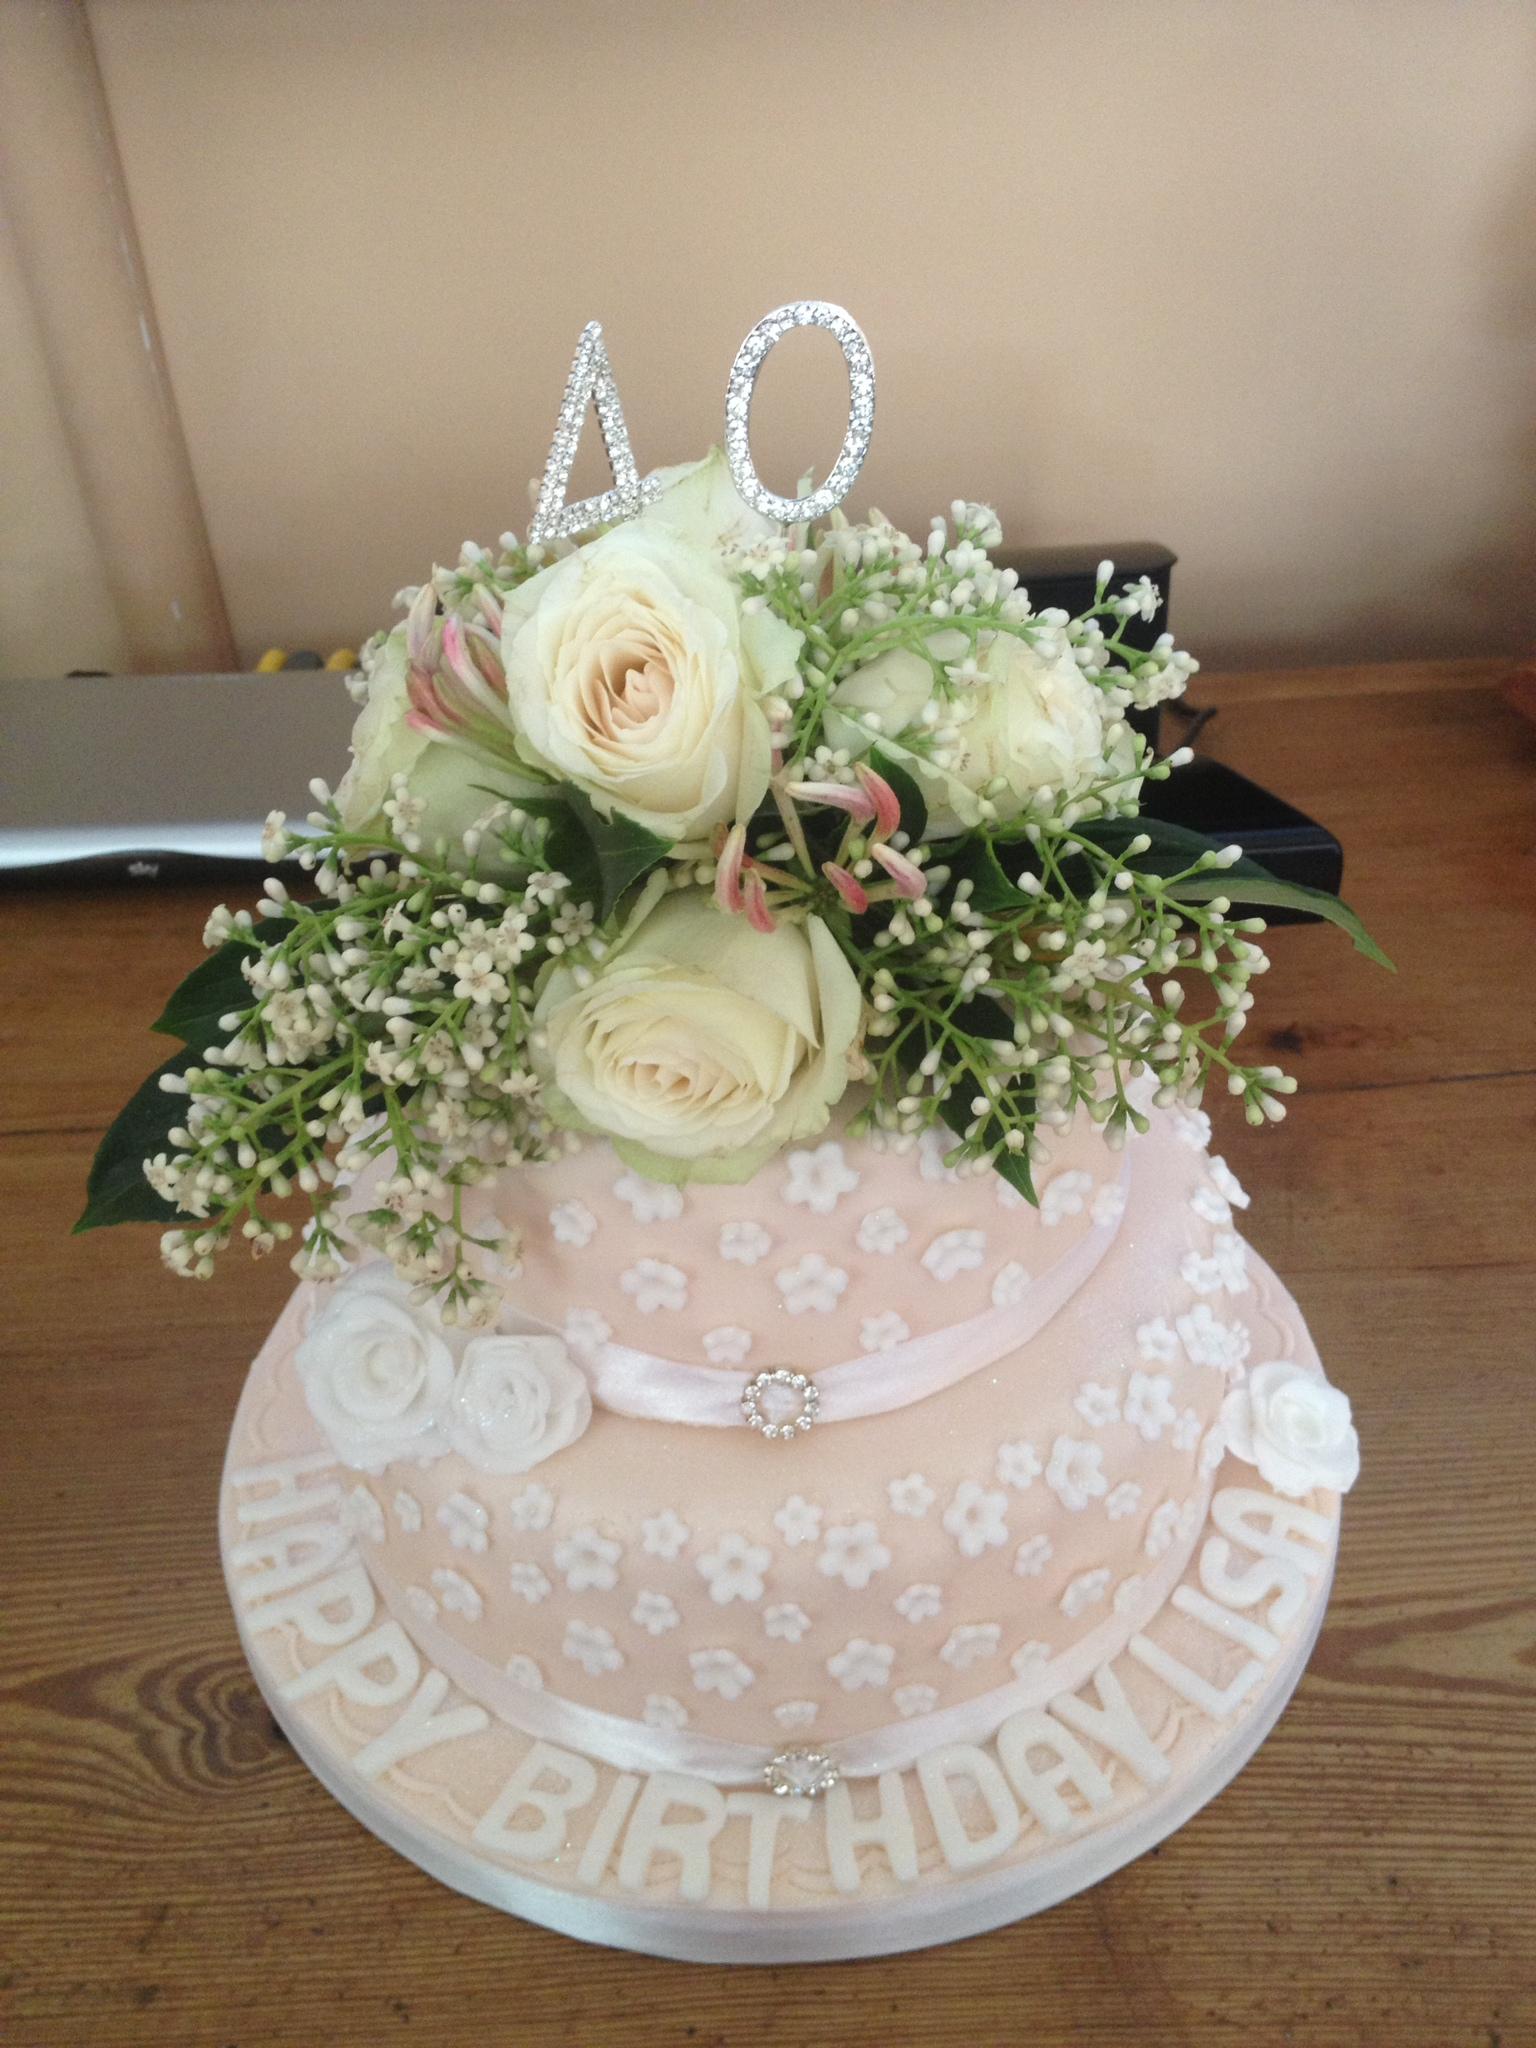 The Bluebell Bakery - birthday cake